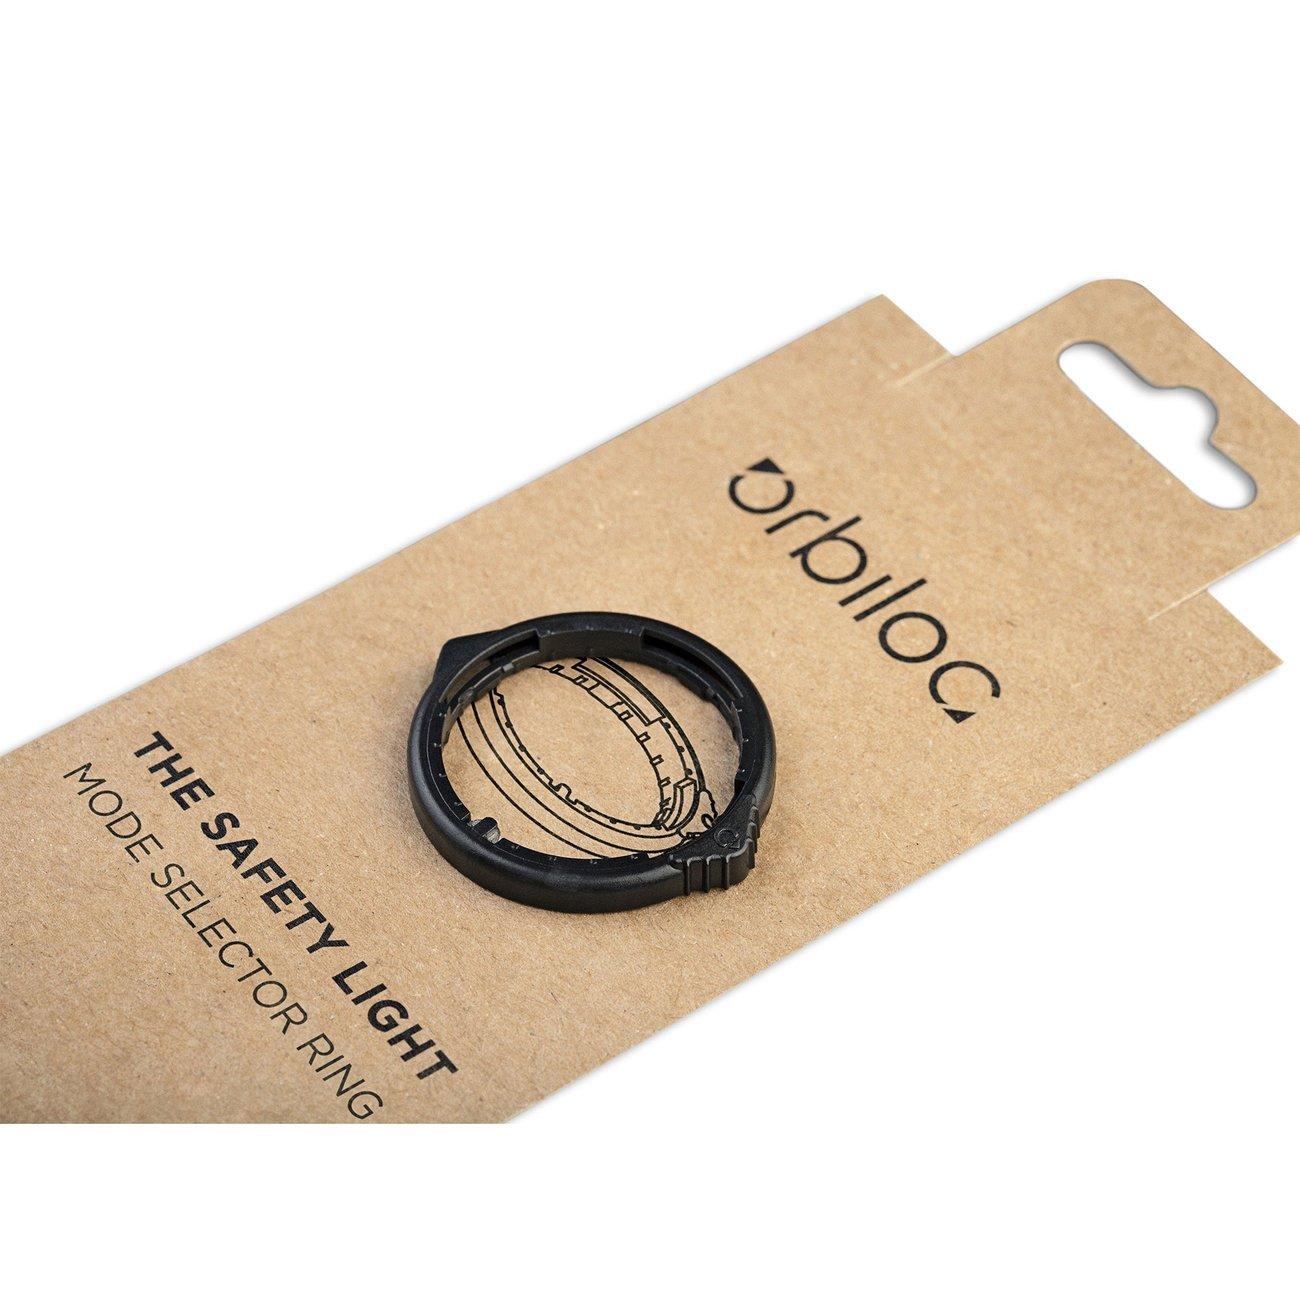 Orbiloc Safety Light Ersatzteile und Zubehör, Bild 21